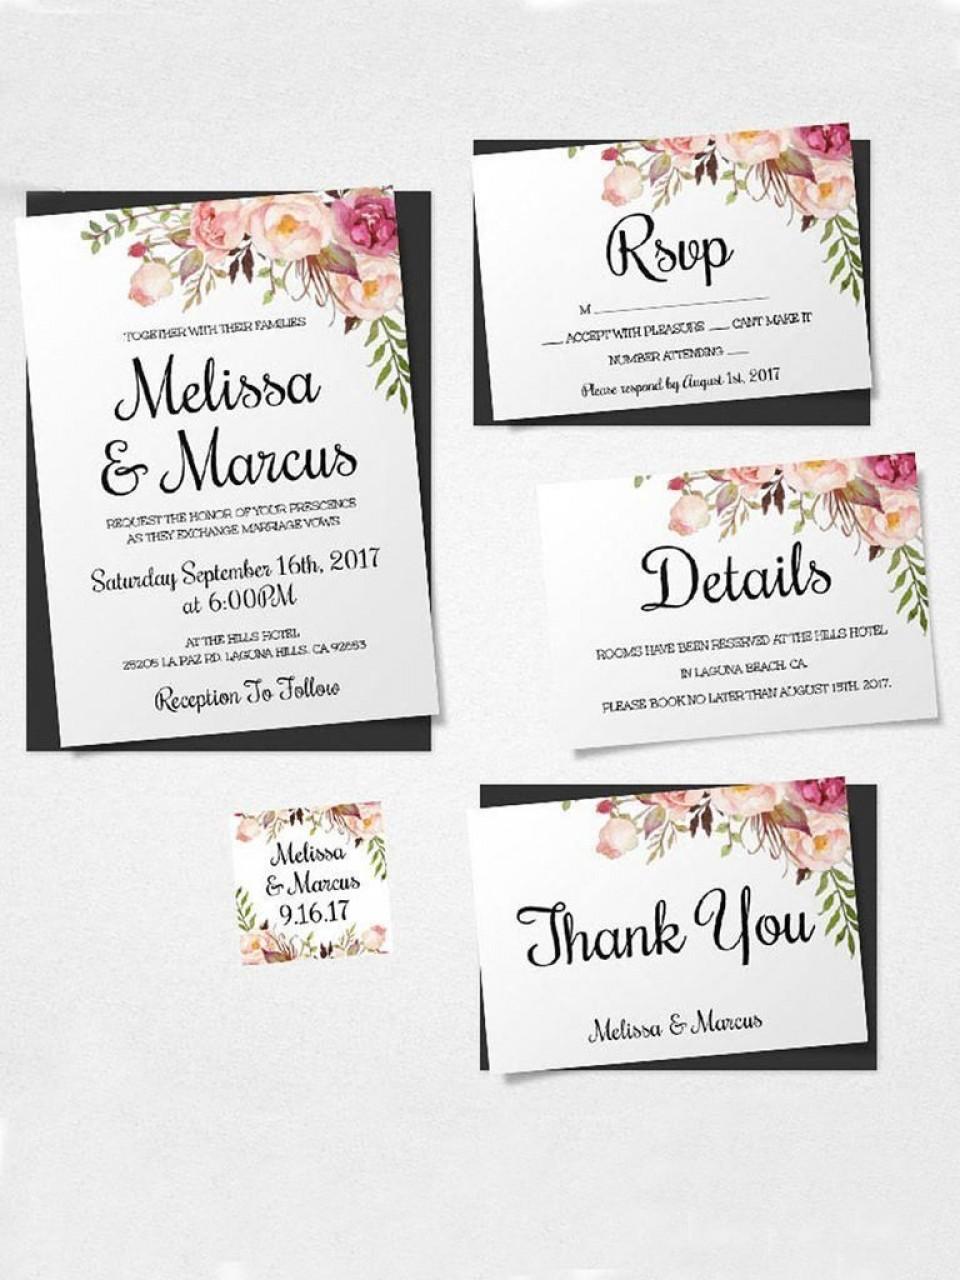 000 Unusual Printable Wedding Invitation Template Sample  Free For Microsoft Word Vintage960